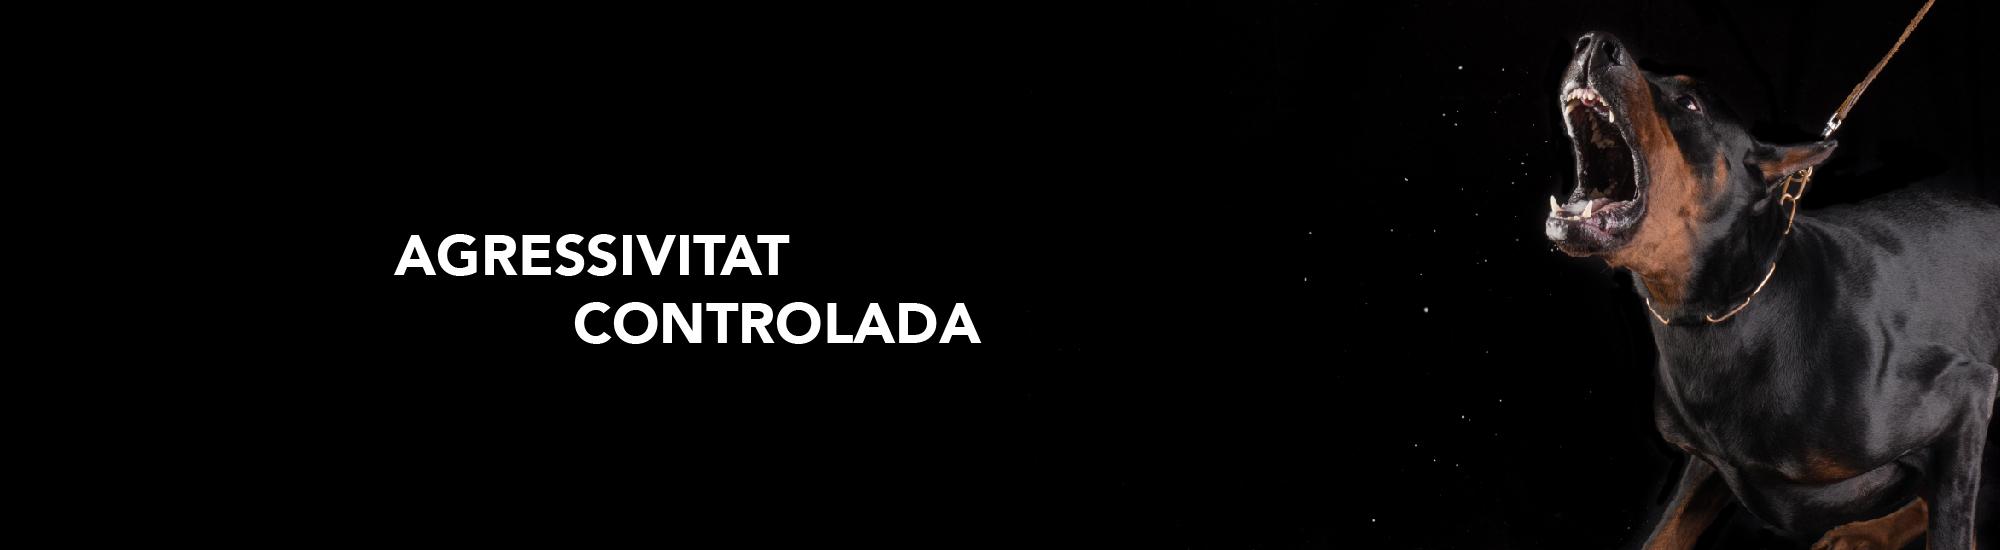 slide_catalan-01